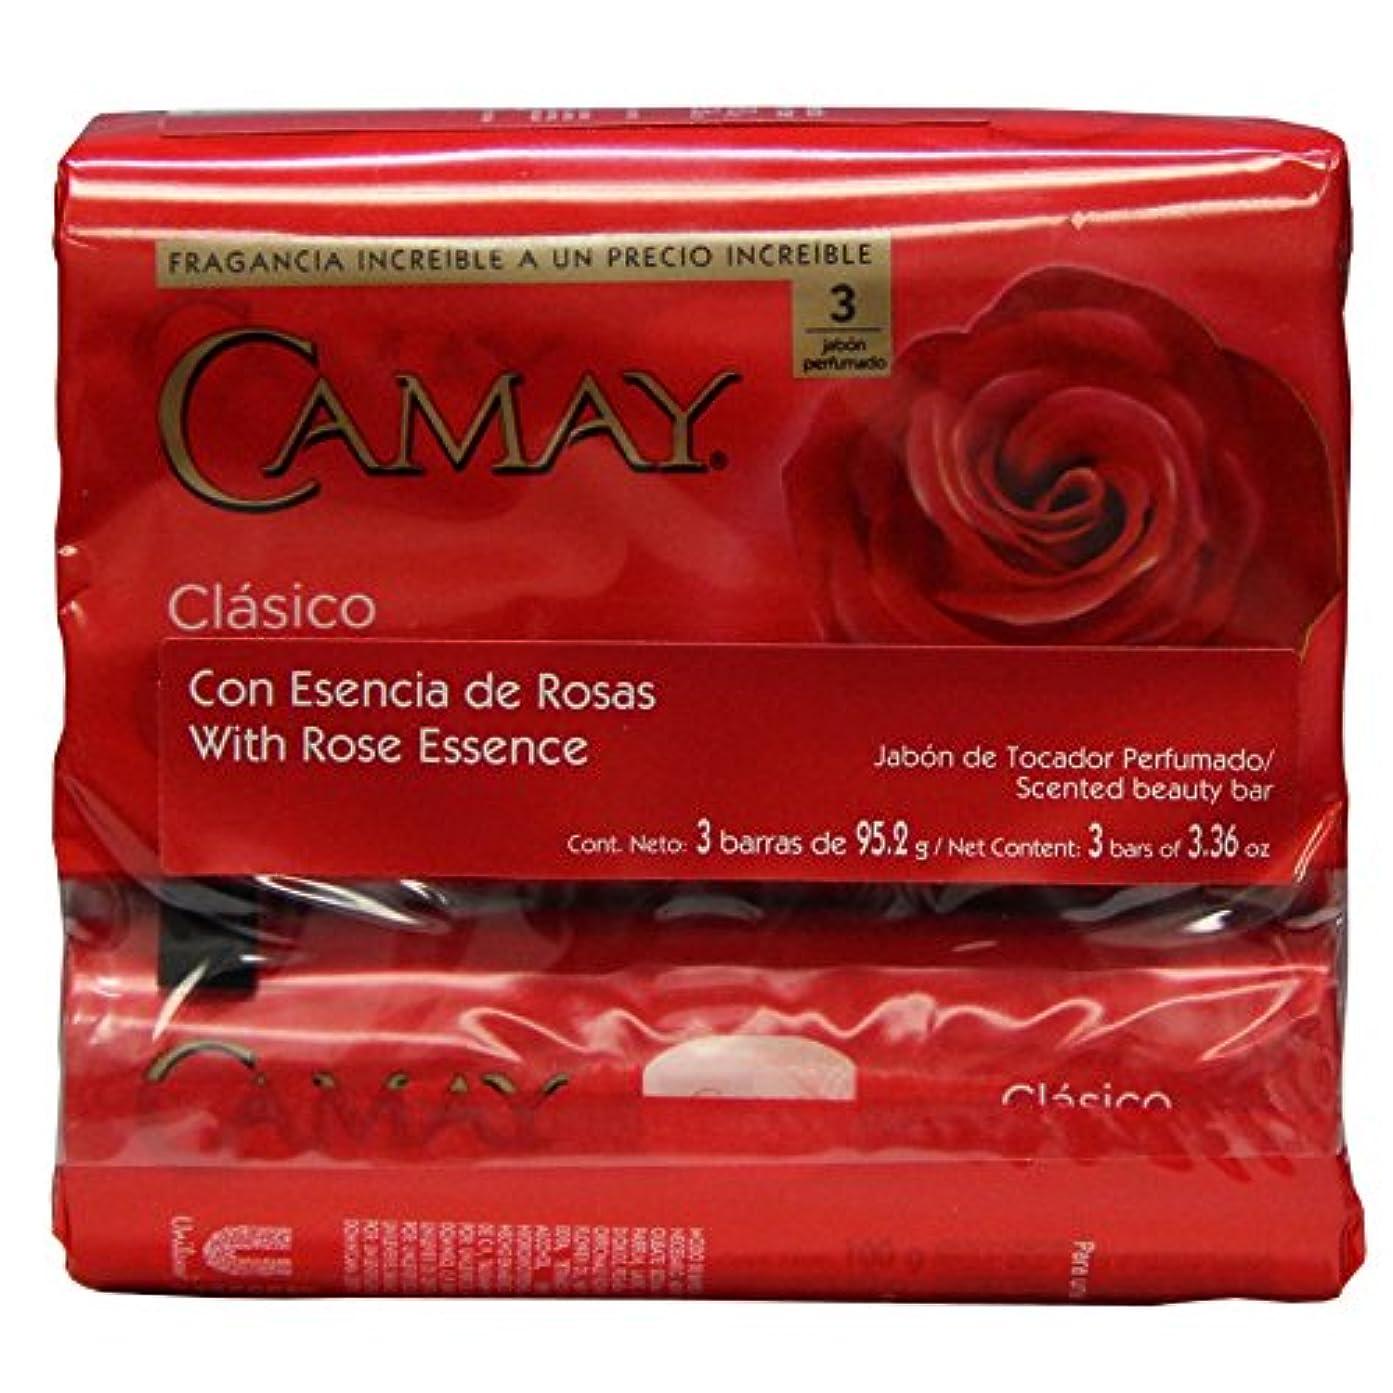 騒カプラーエゴマニアCamay Softly Scented Bath Bar Classic Soap 125 G / 4.5 Oz Each 3 Count 12 Bars Total by Camay